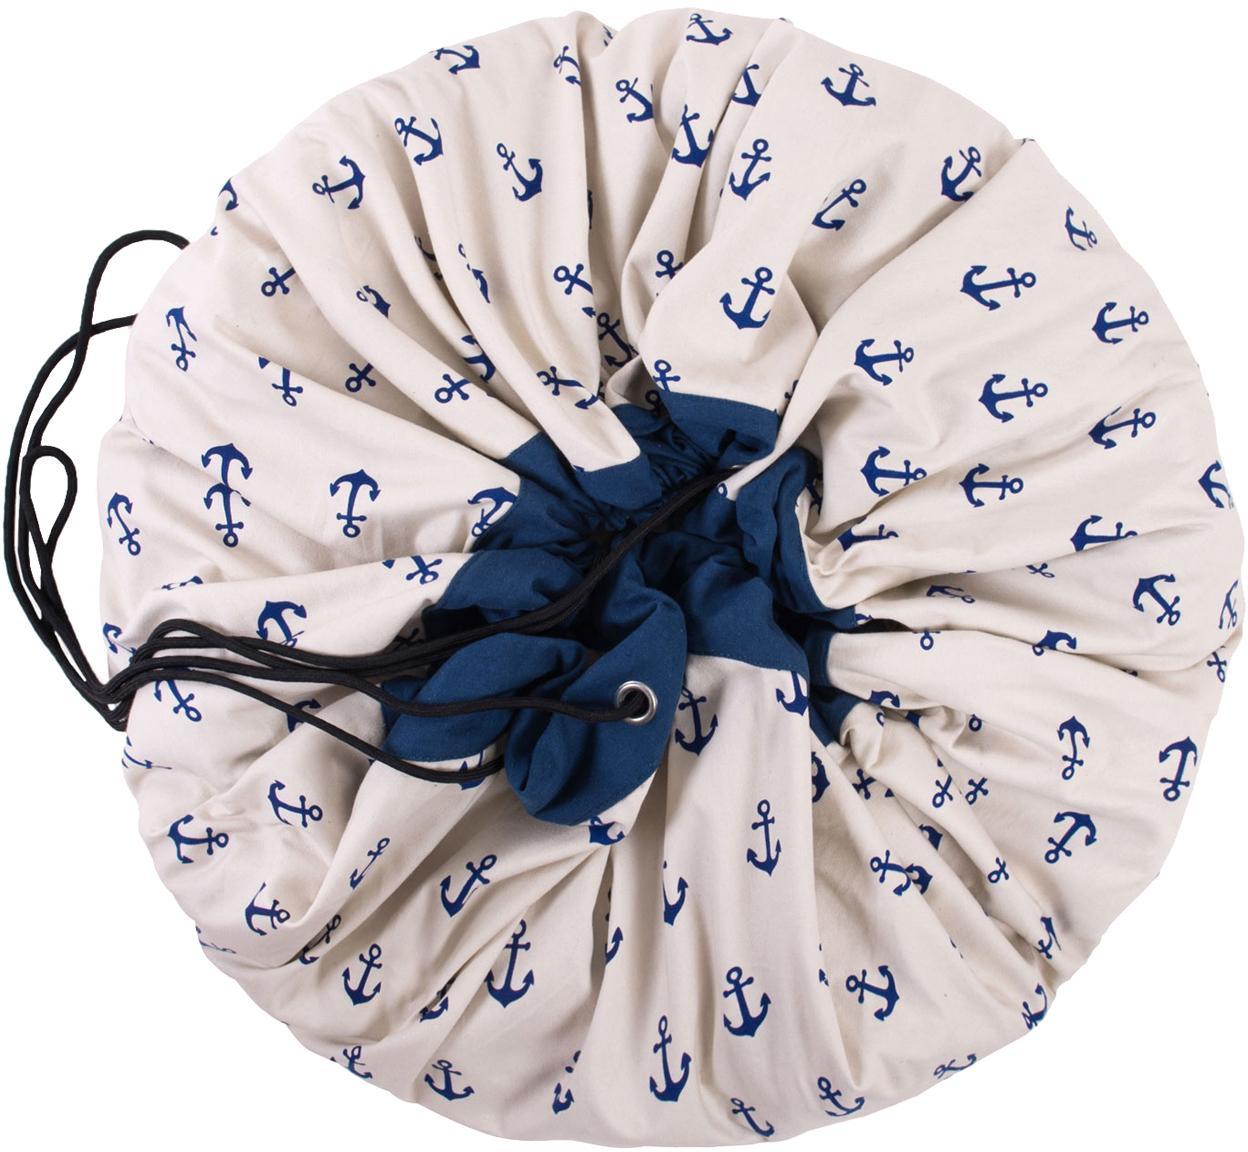 Koc do zabawy Anchors, Poliester, Biały, niebieski, Ø 140 cm